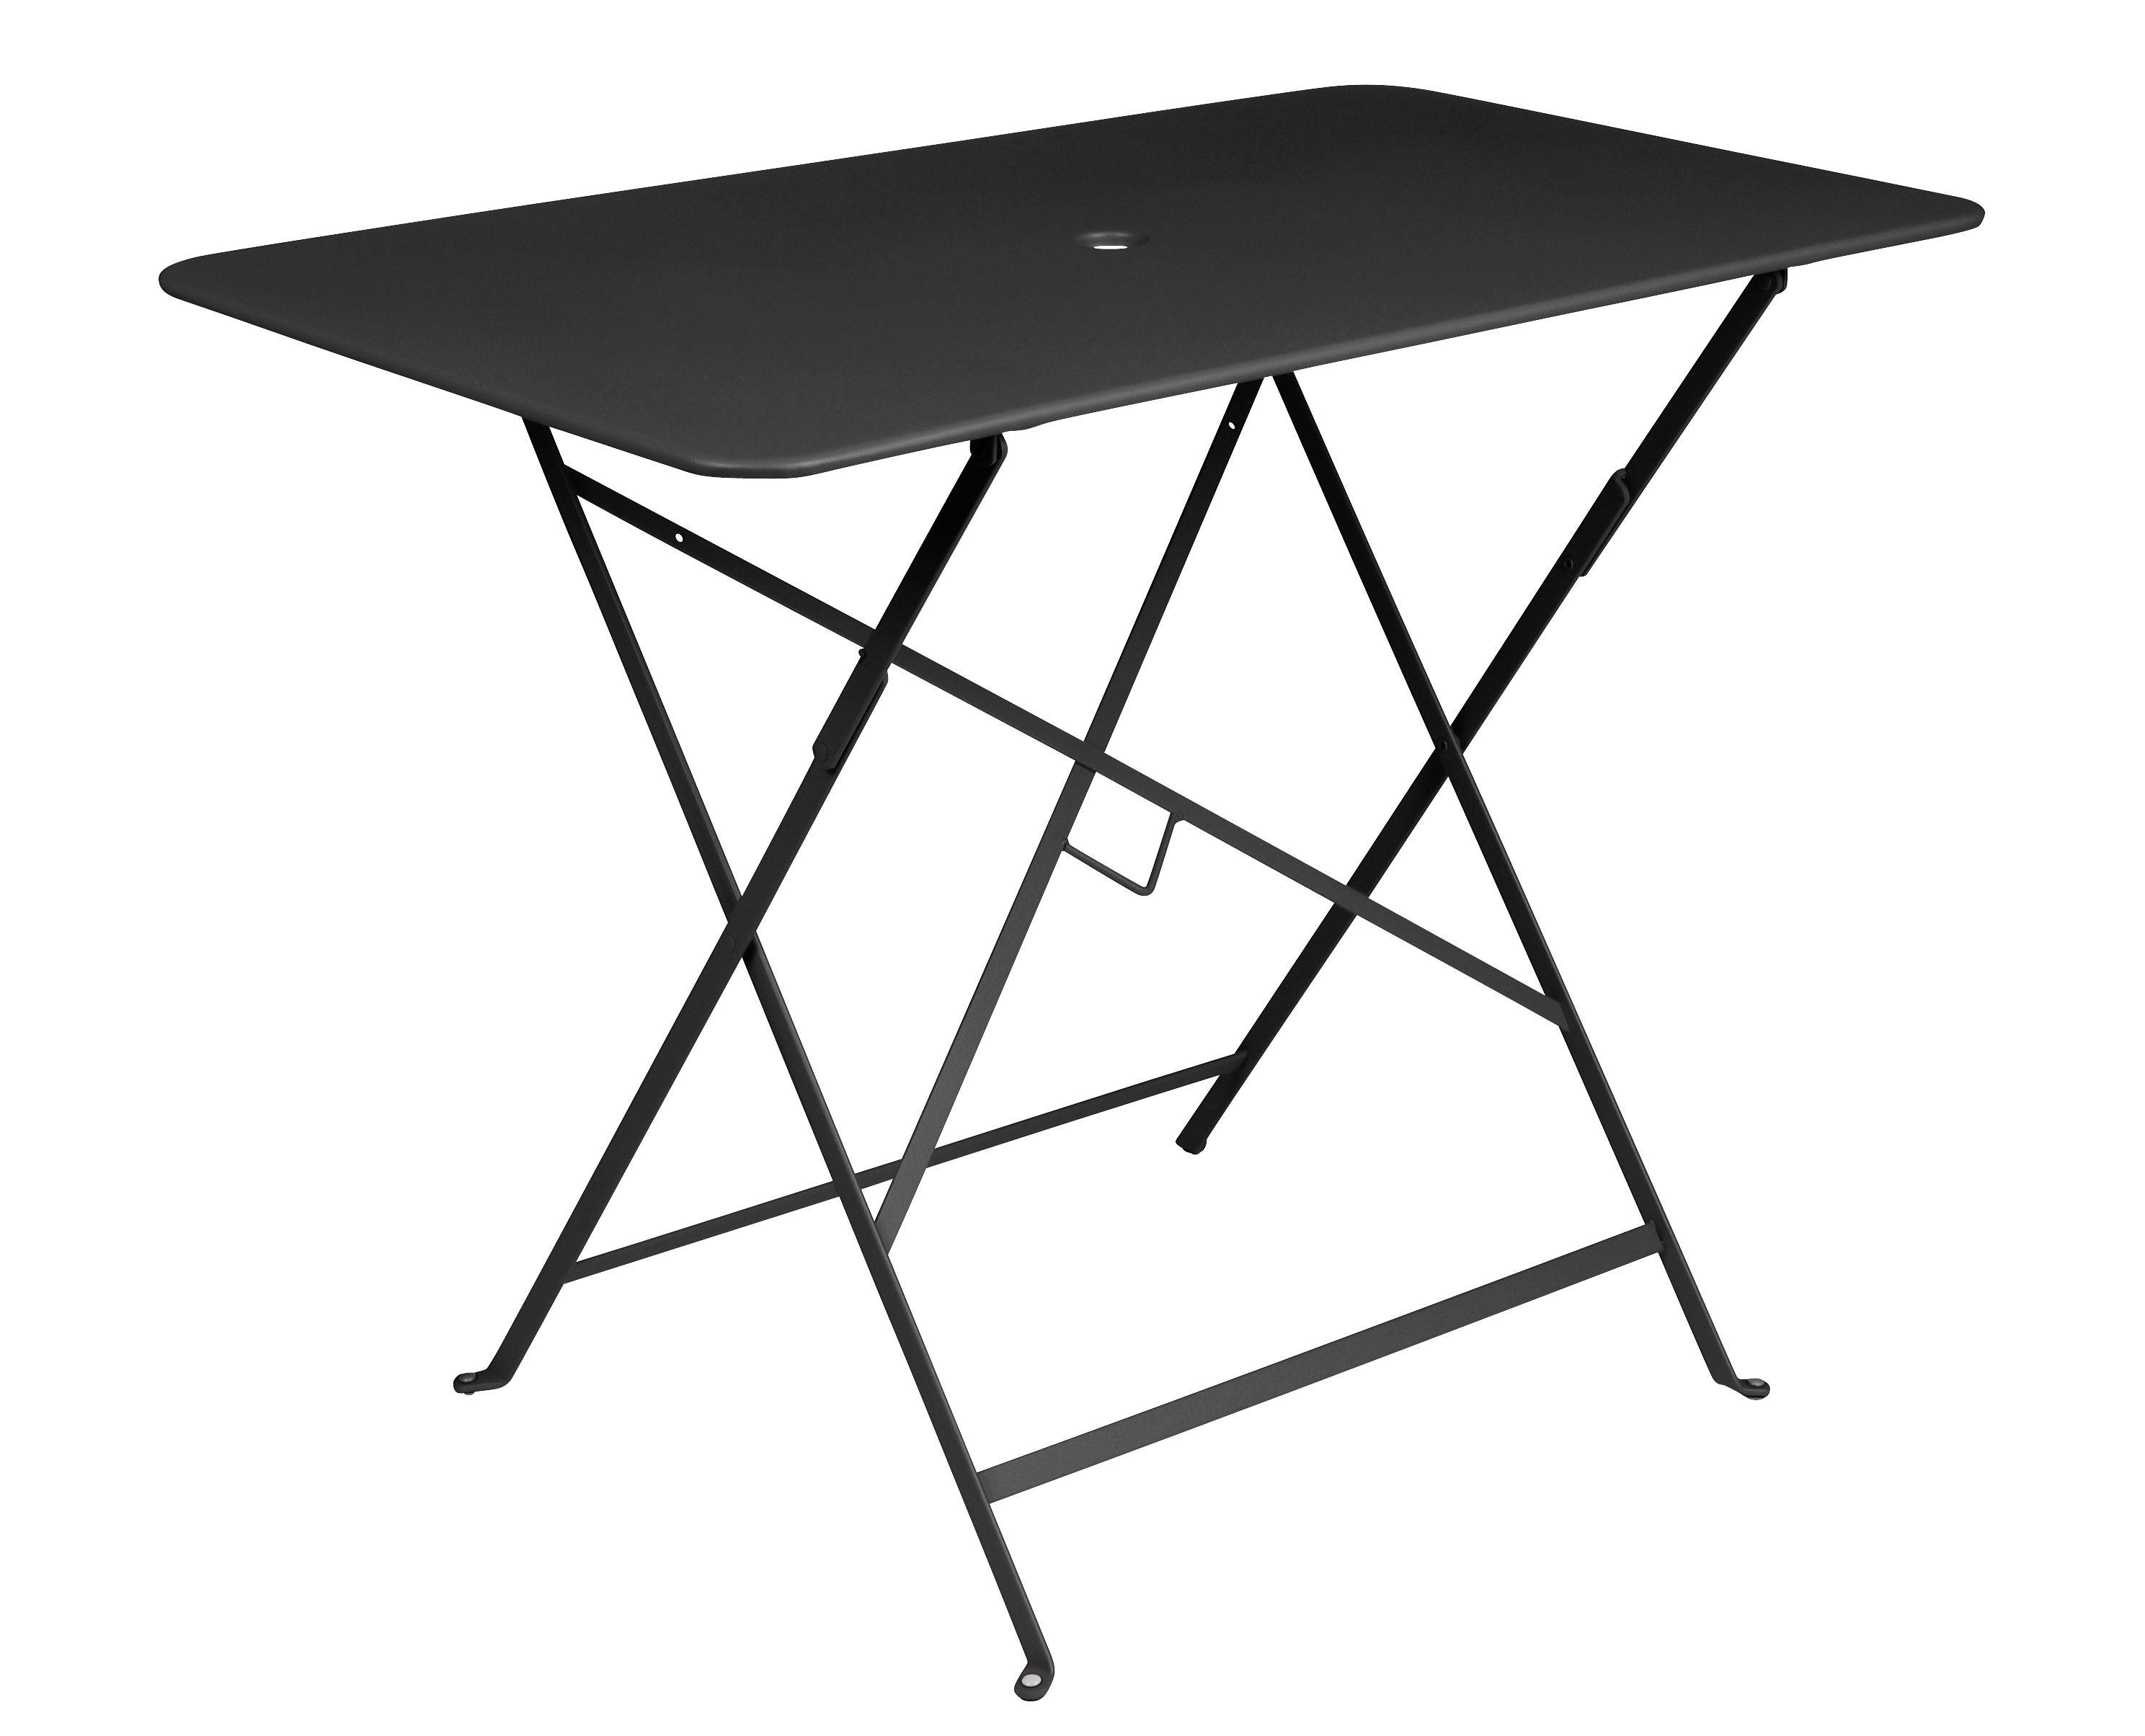 Outdoor - Tavoli  - Tavolo pieghevole Bistro / 97 x 57 cm - 4 persone - Foro per ombrellone - Fermob - Liquirizia - Acciaio verniciato